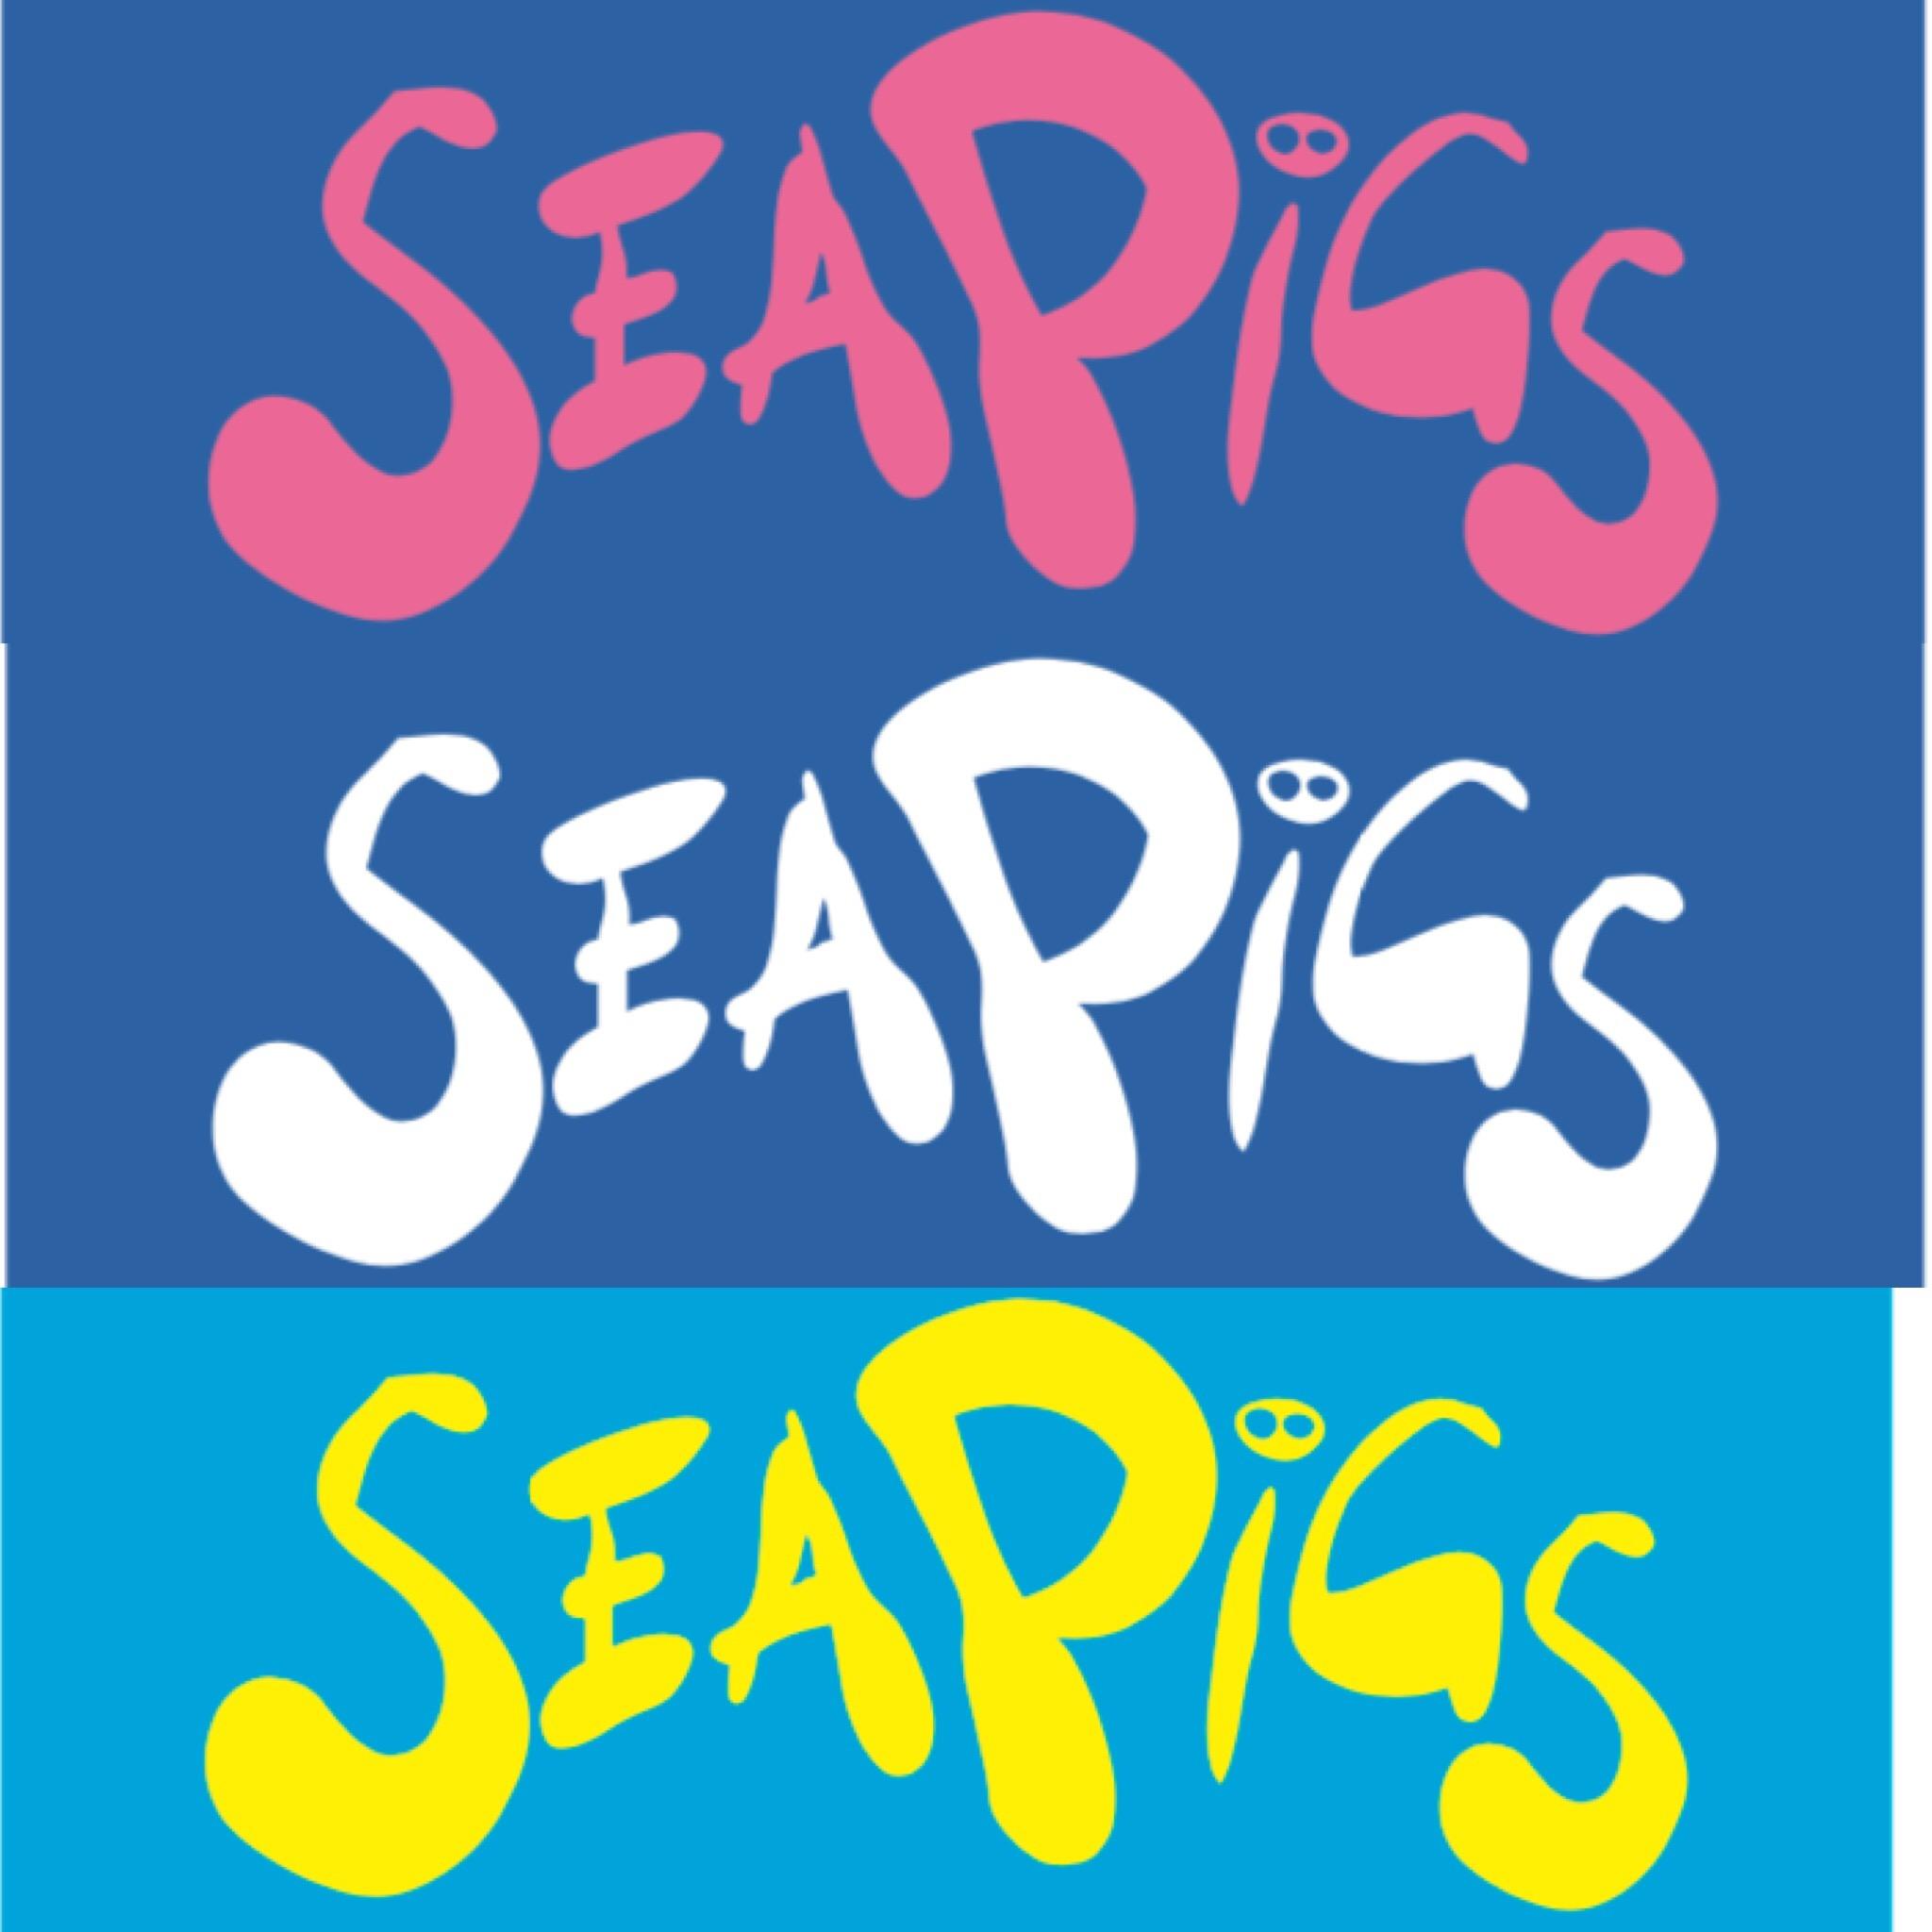 SeaPigs logo colour choice - cocreation